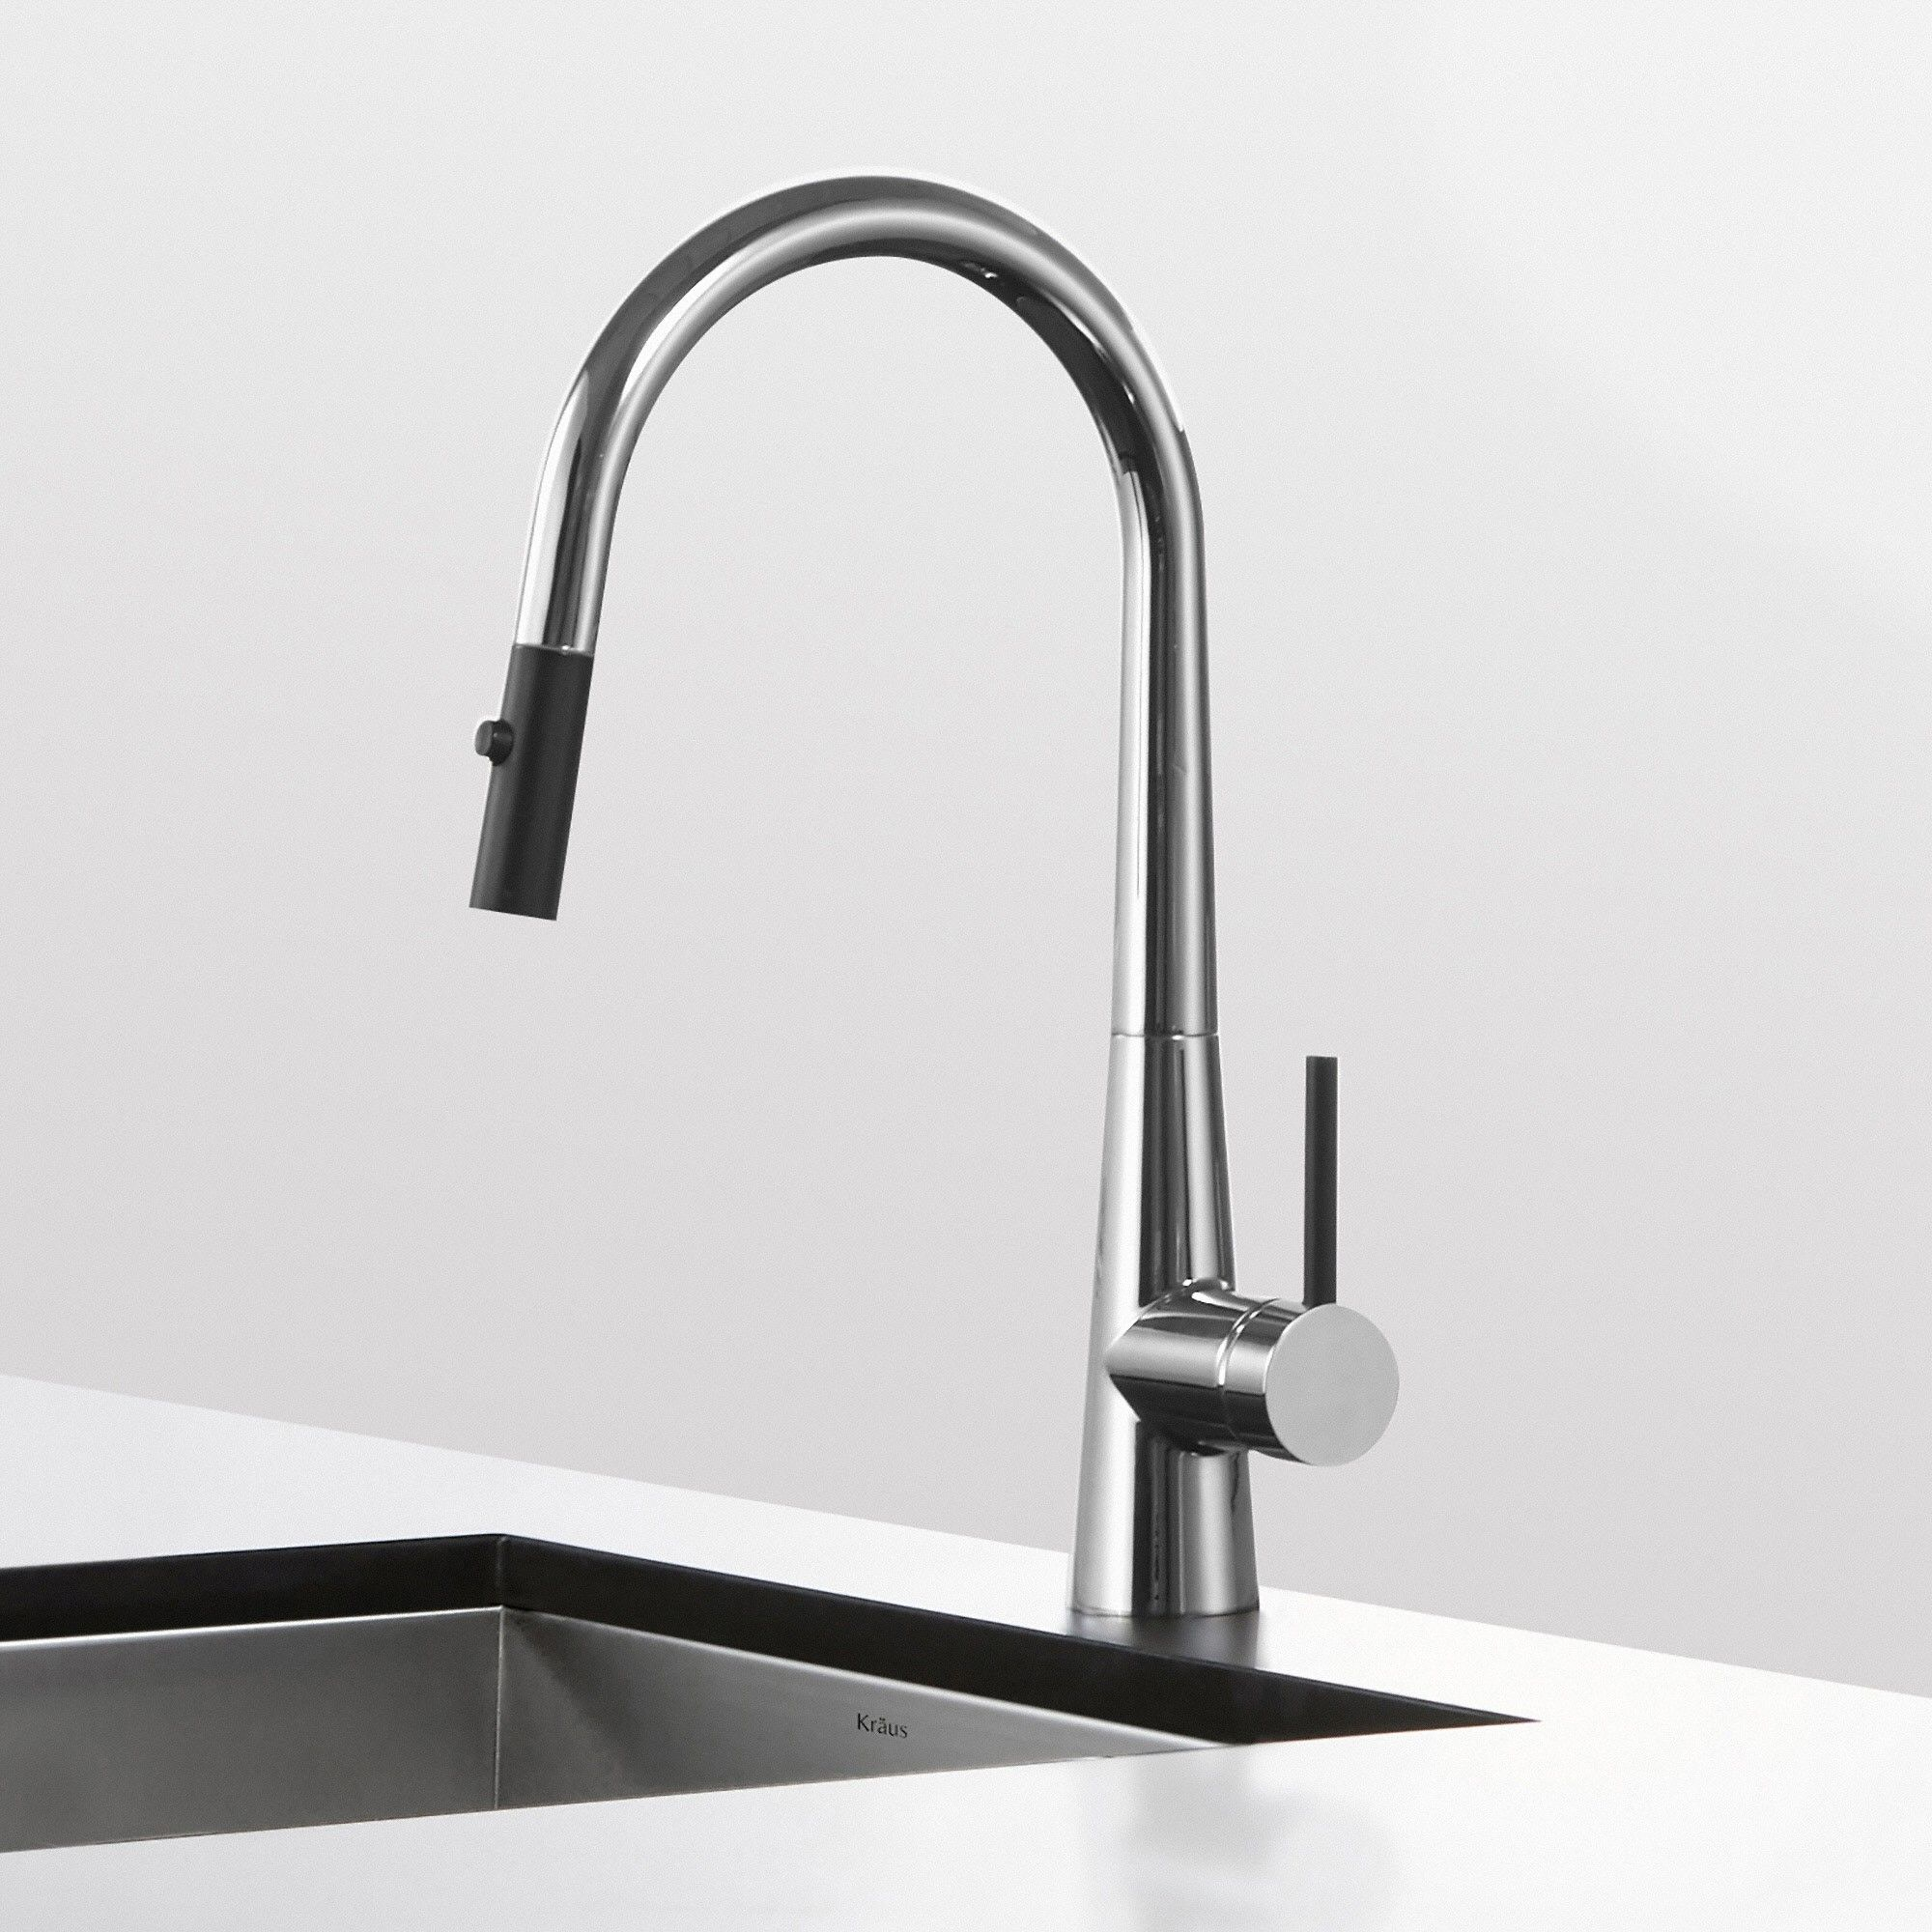 Küche Wasserhahn Schlauch Wechseln